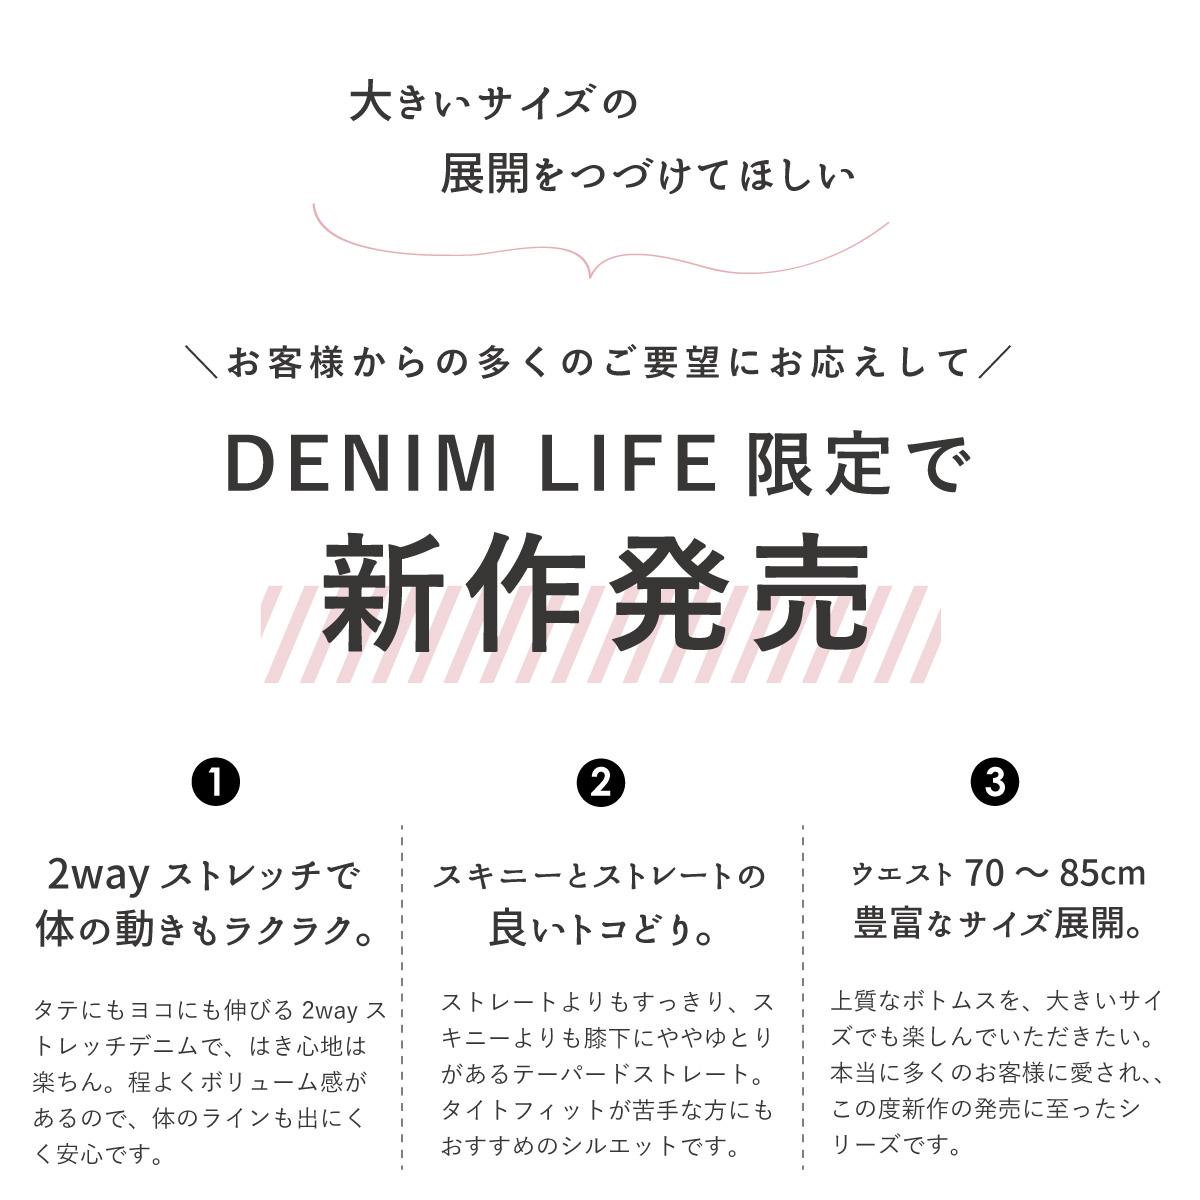 \返品送料無料/【DENIM LIFE限定商品】Apple Plus 大きいサイズ テーパードストレート SY0109